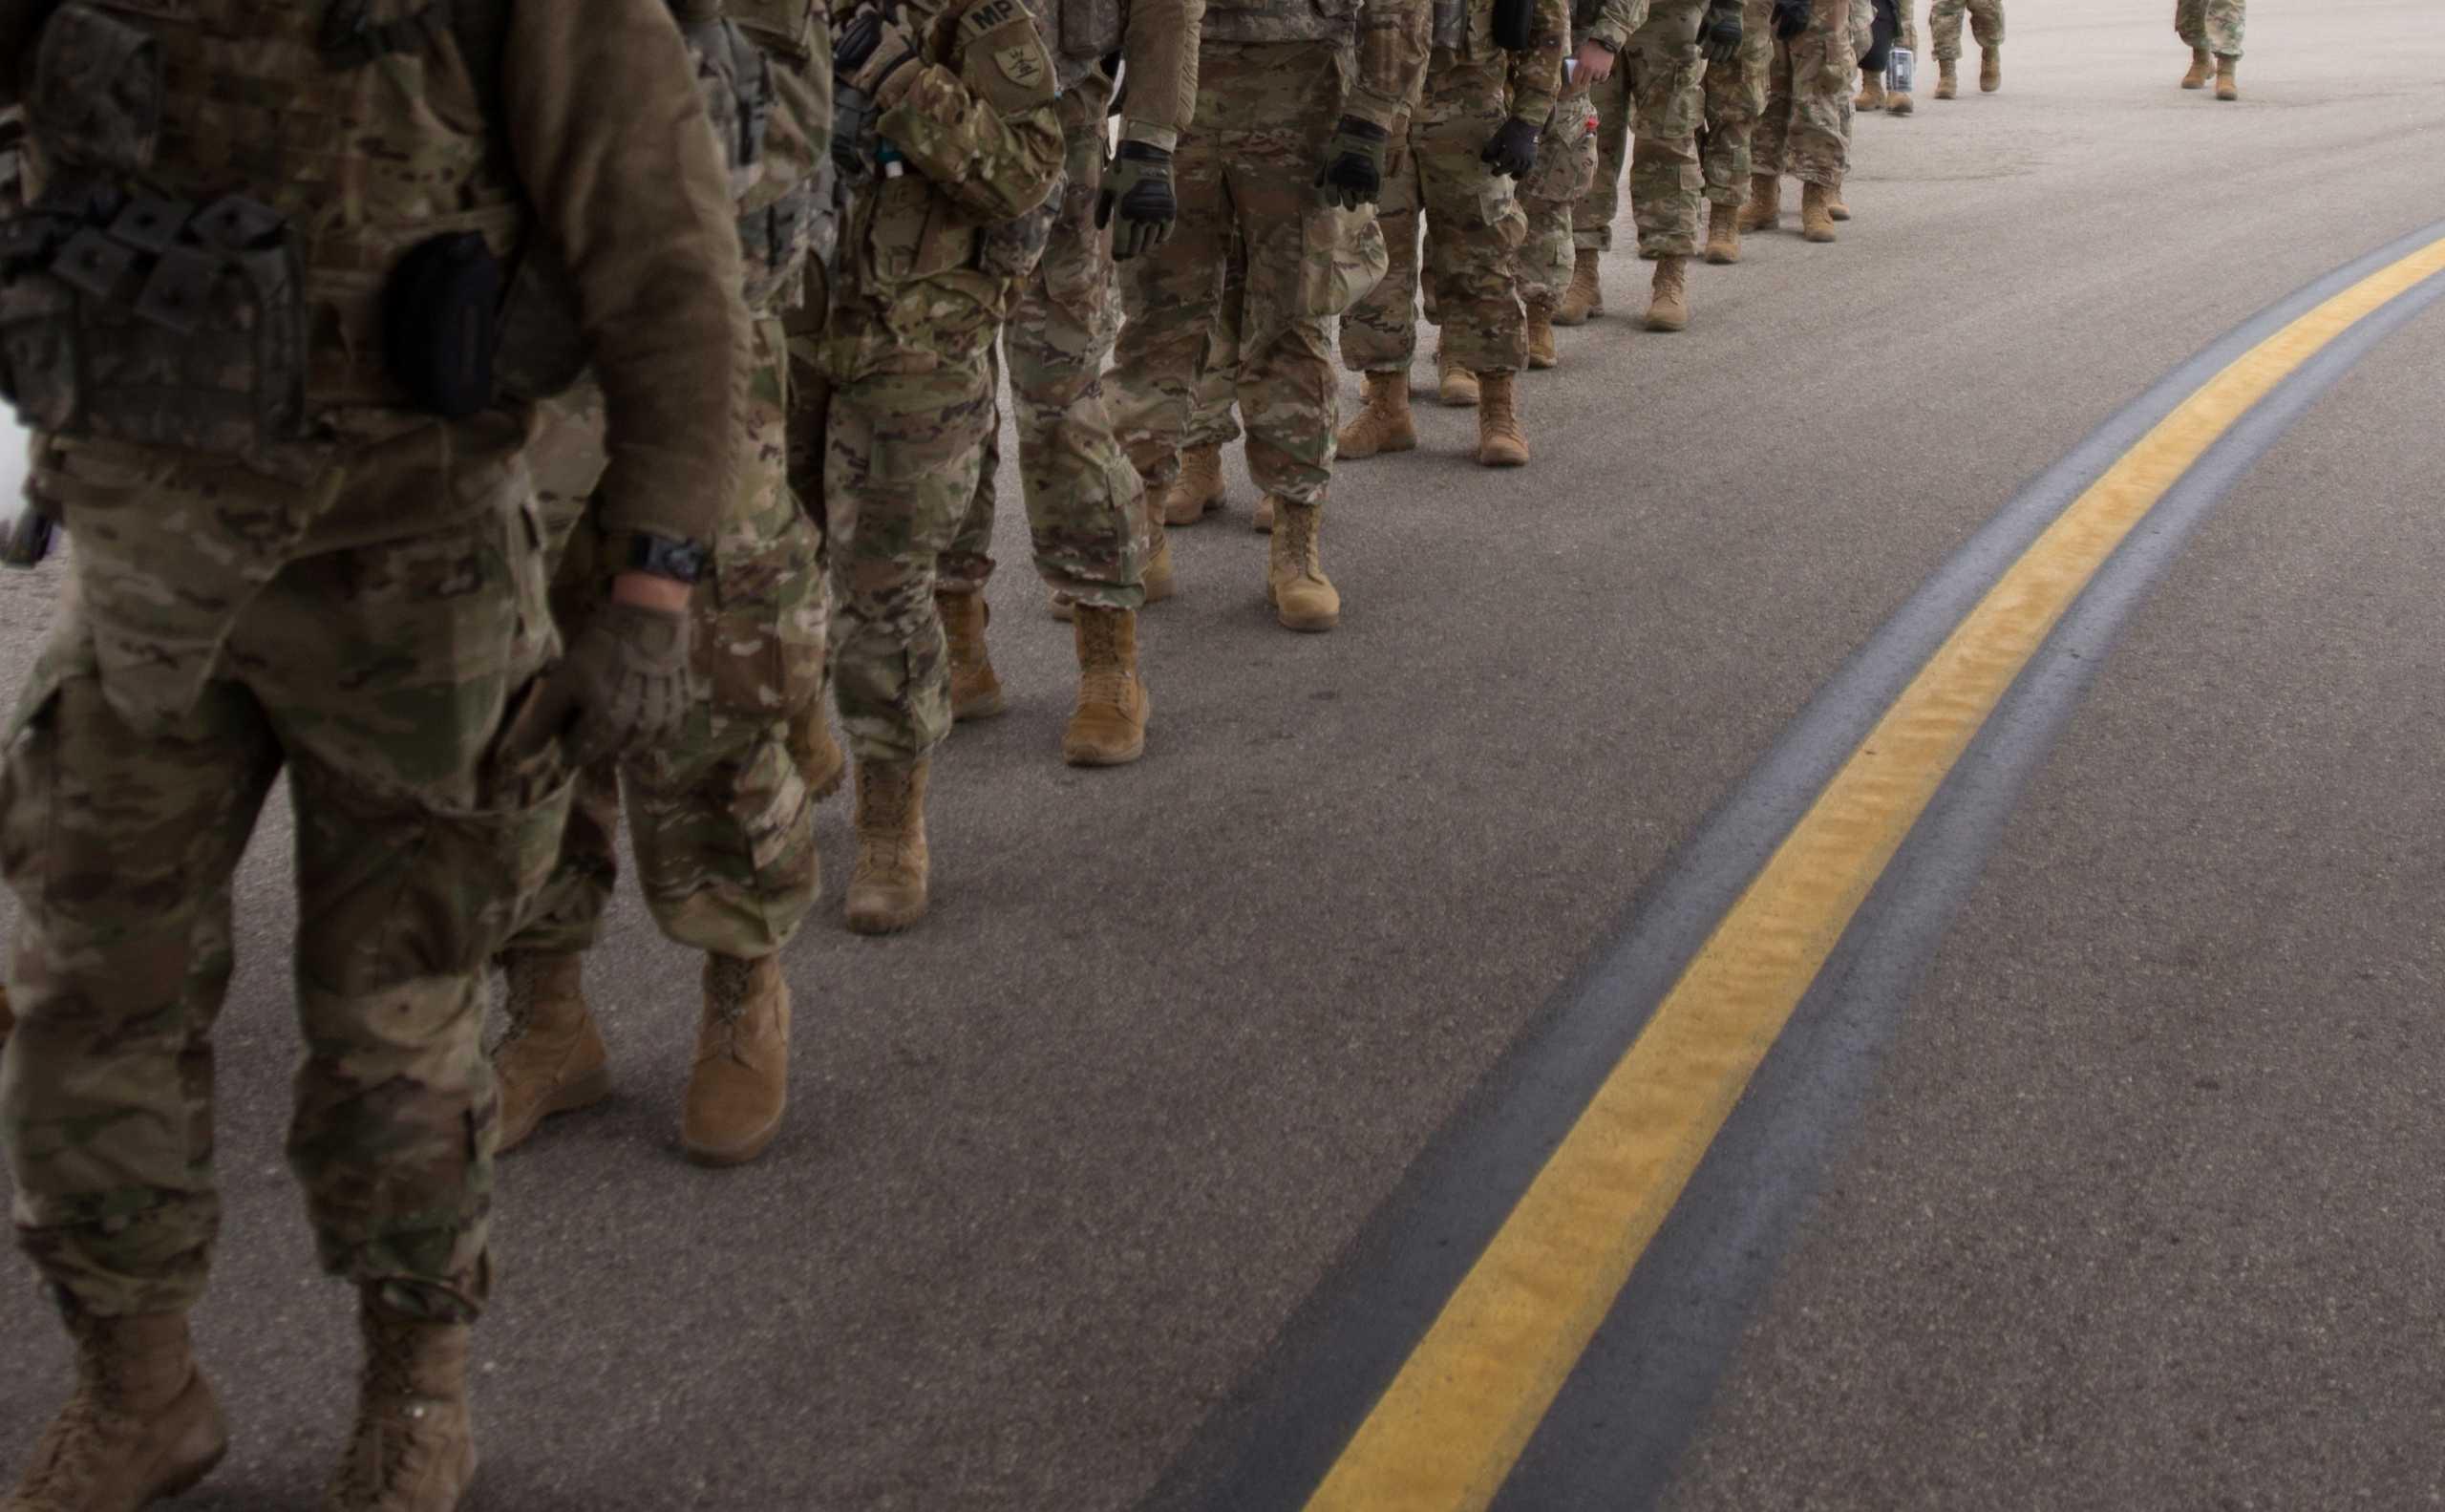 ΗΠΑ: Στρατιώτης κατηγορείται ότι βοήθησε το Ισλαμικό Κράτος να σκοτώσει συναδέλφους του